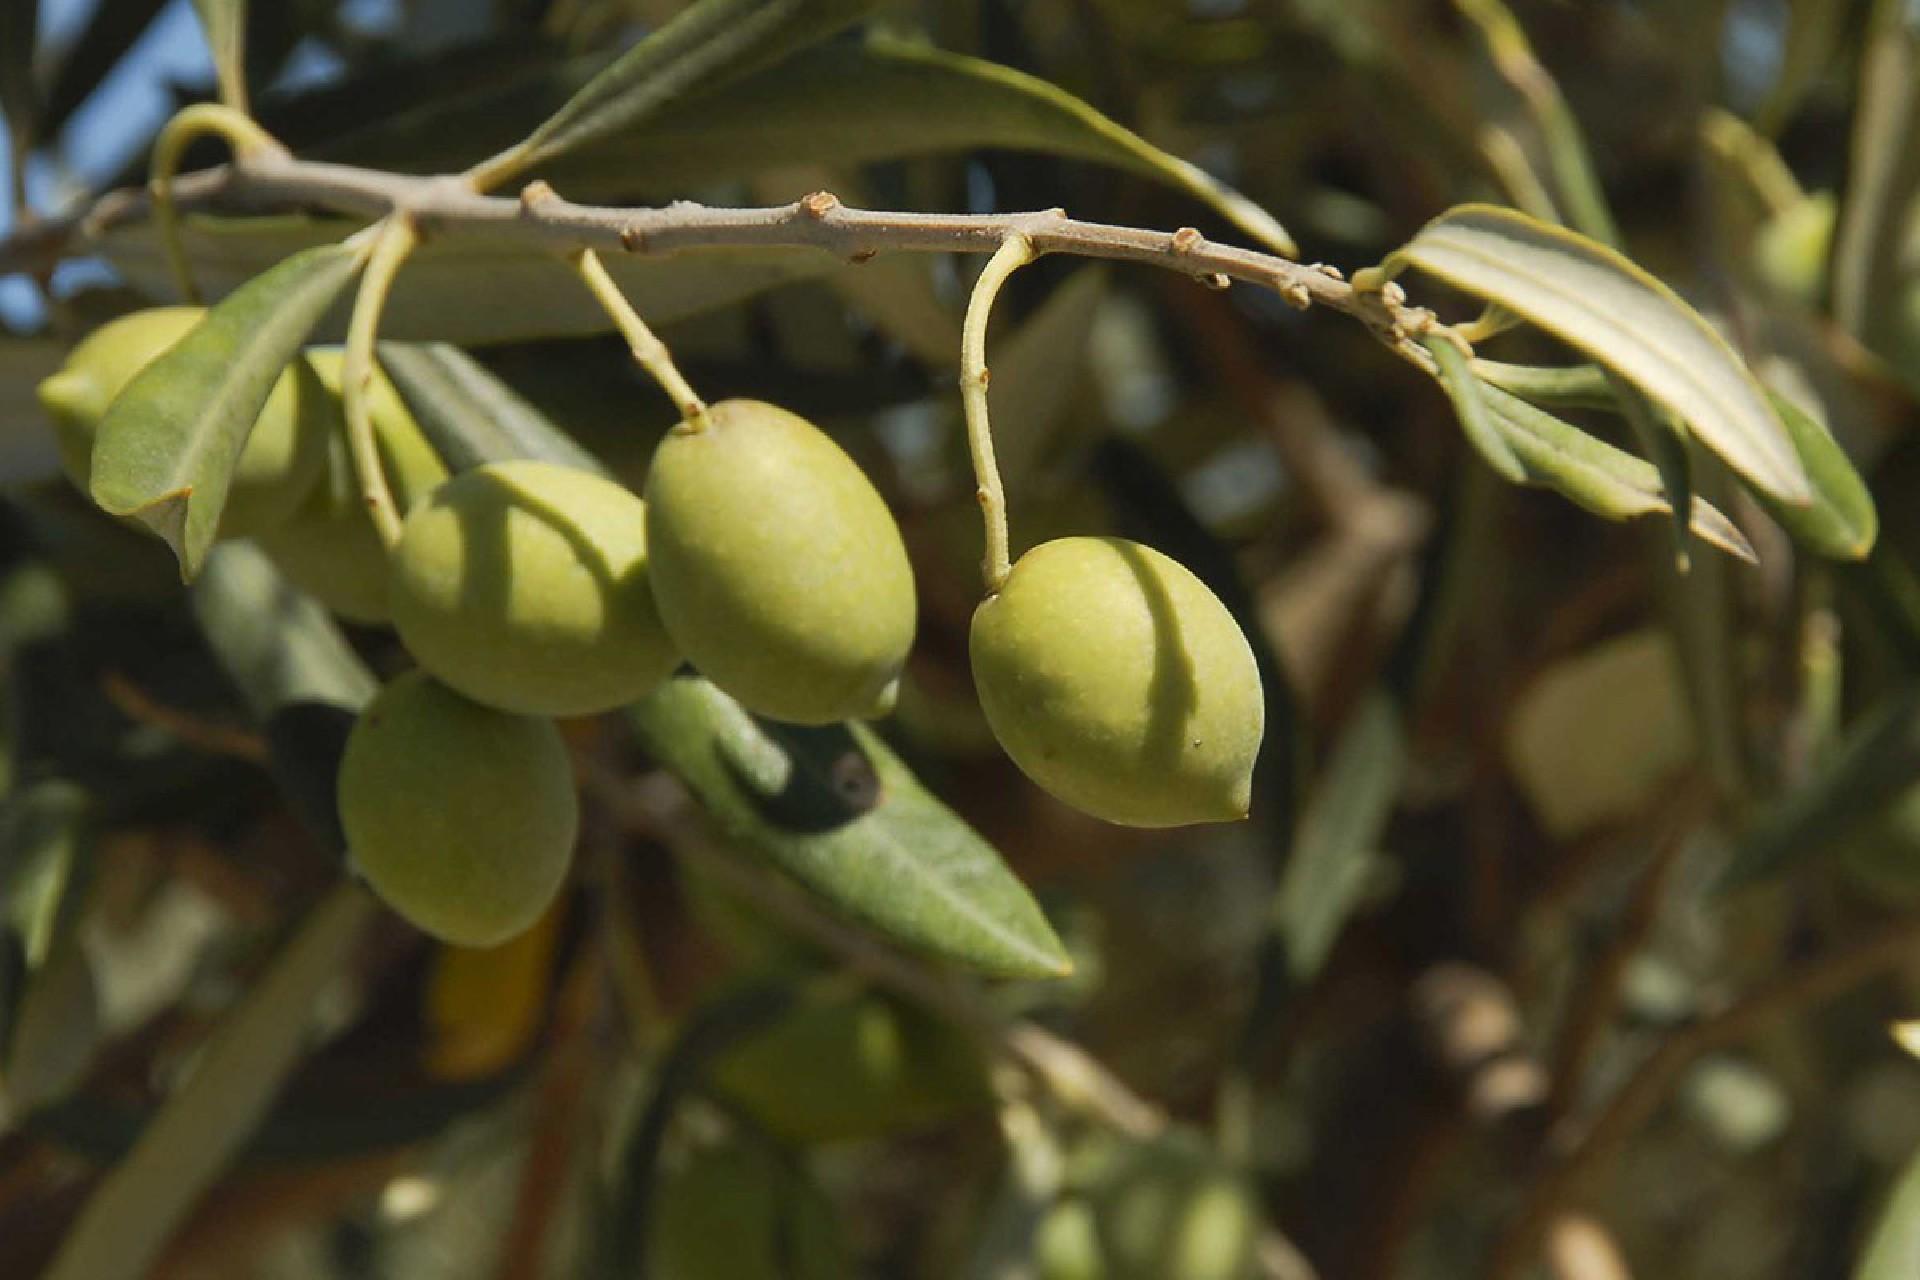 olio-extravergine-oliva-biologico-goel-bio-calabria